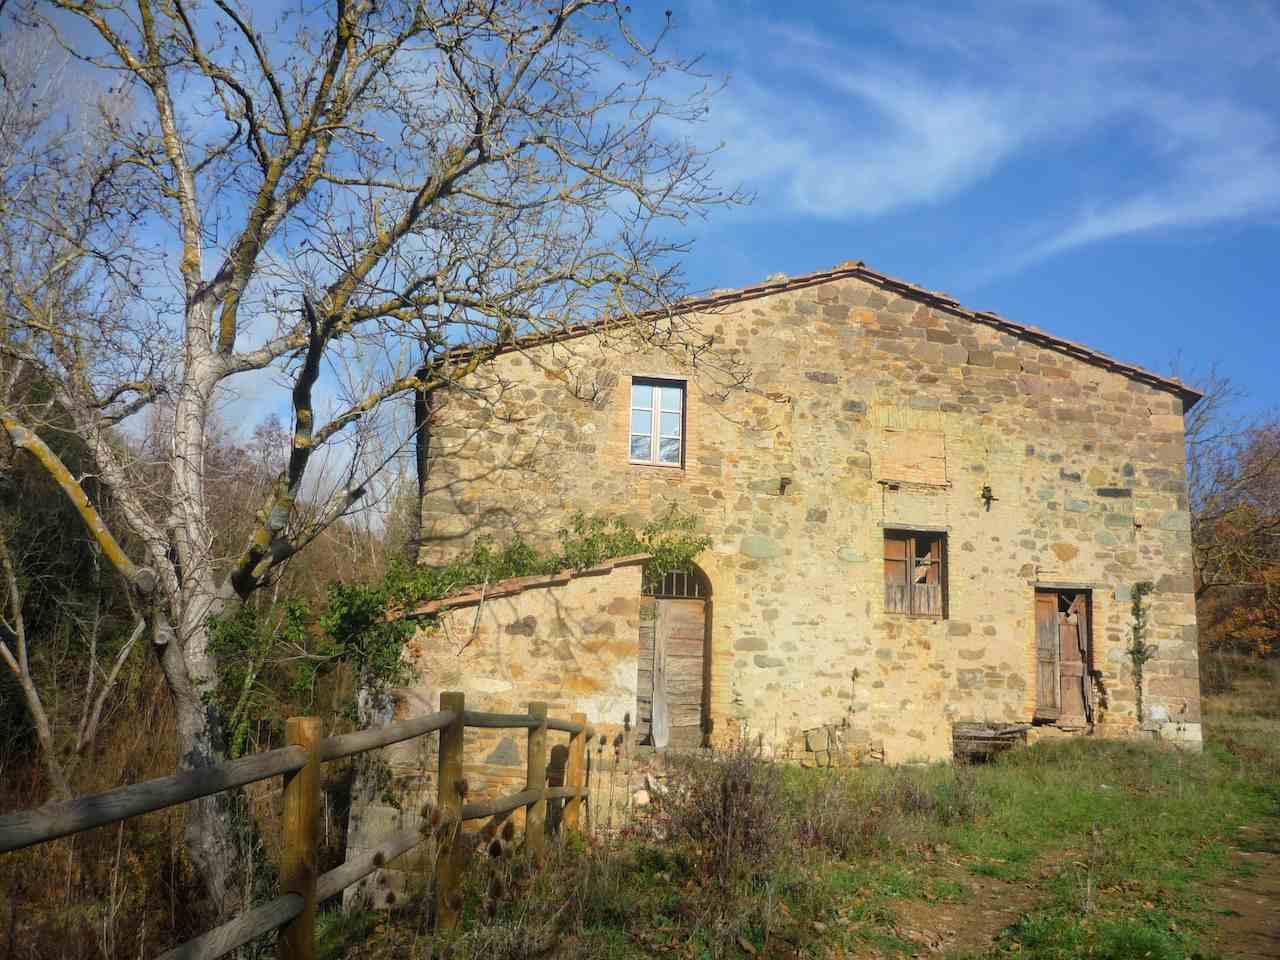 Casale e mulino in vendita in toscana immobiliare 3 emme - Casale in toscana ...